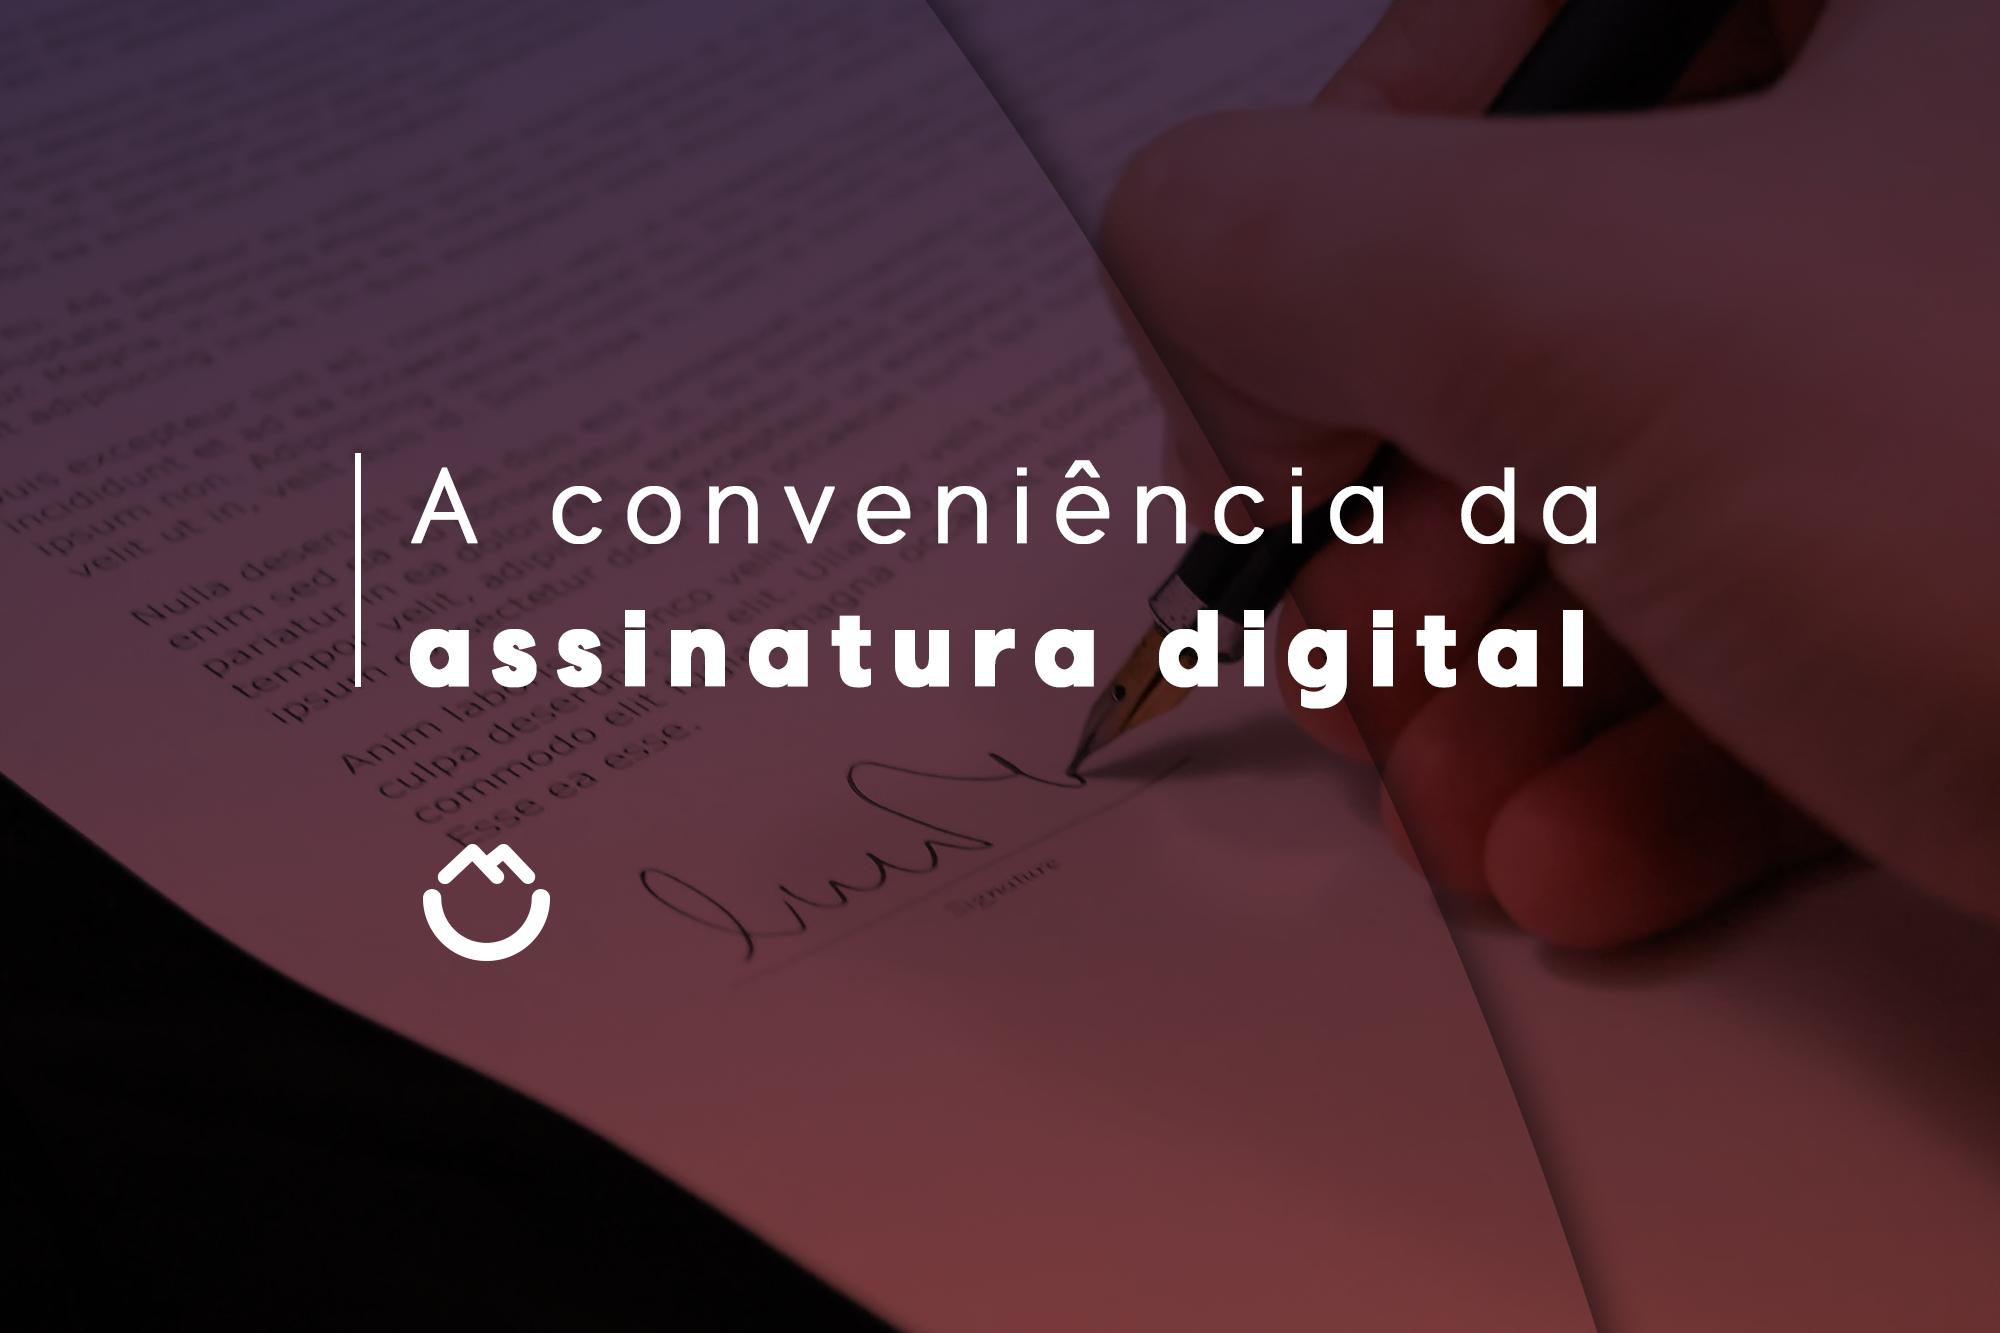 A conveniência da assinatura digital